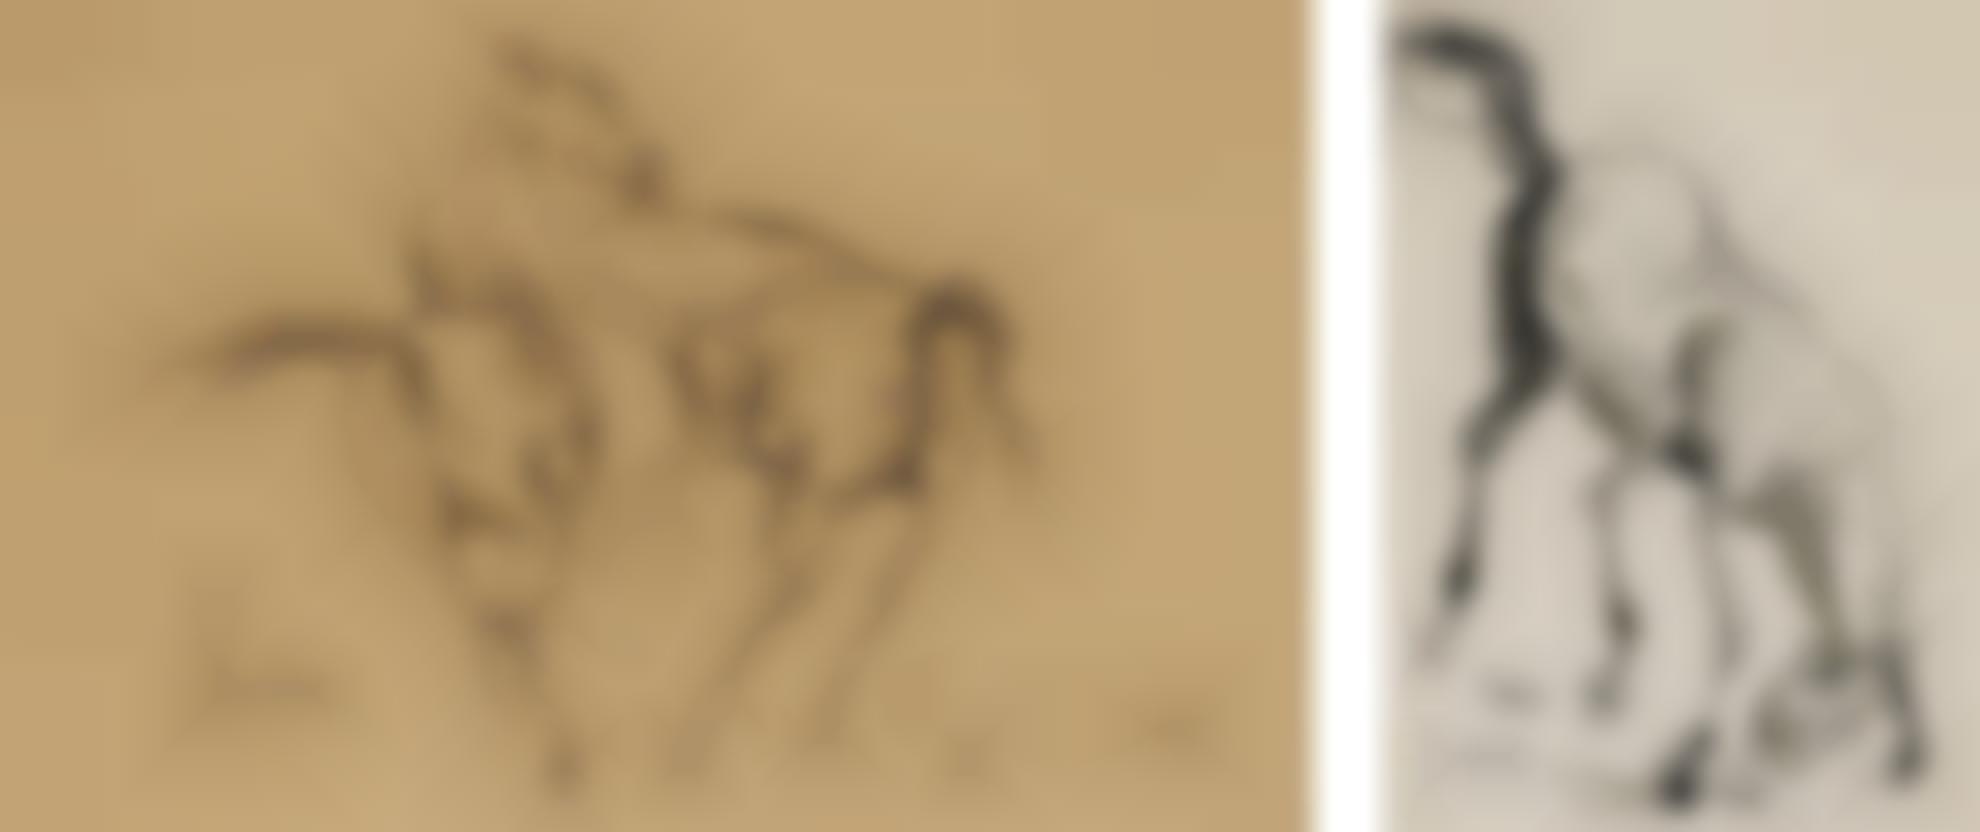 Sunil Das - Untitled (Horse Studies)-